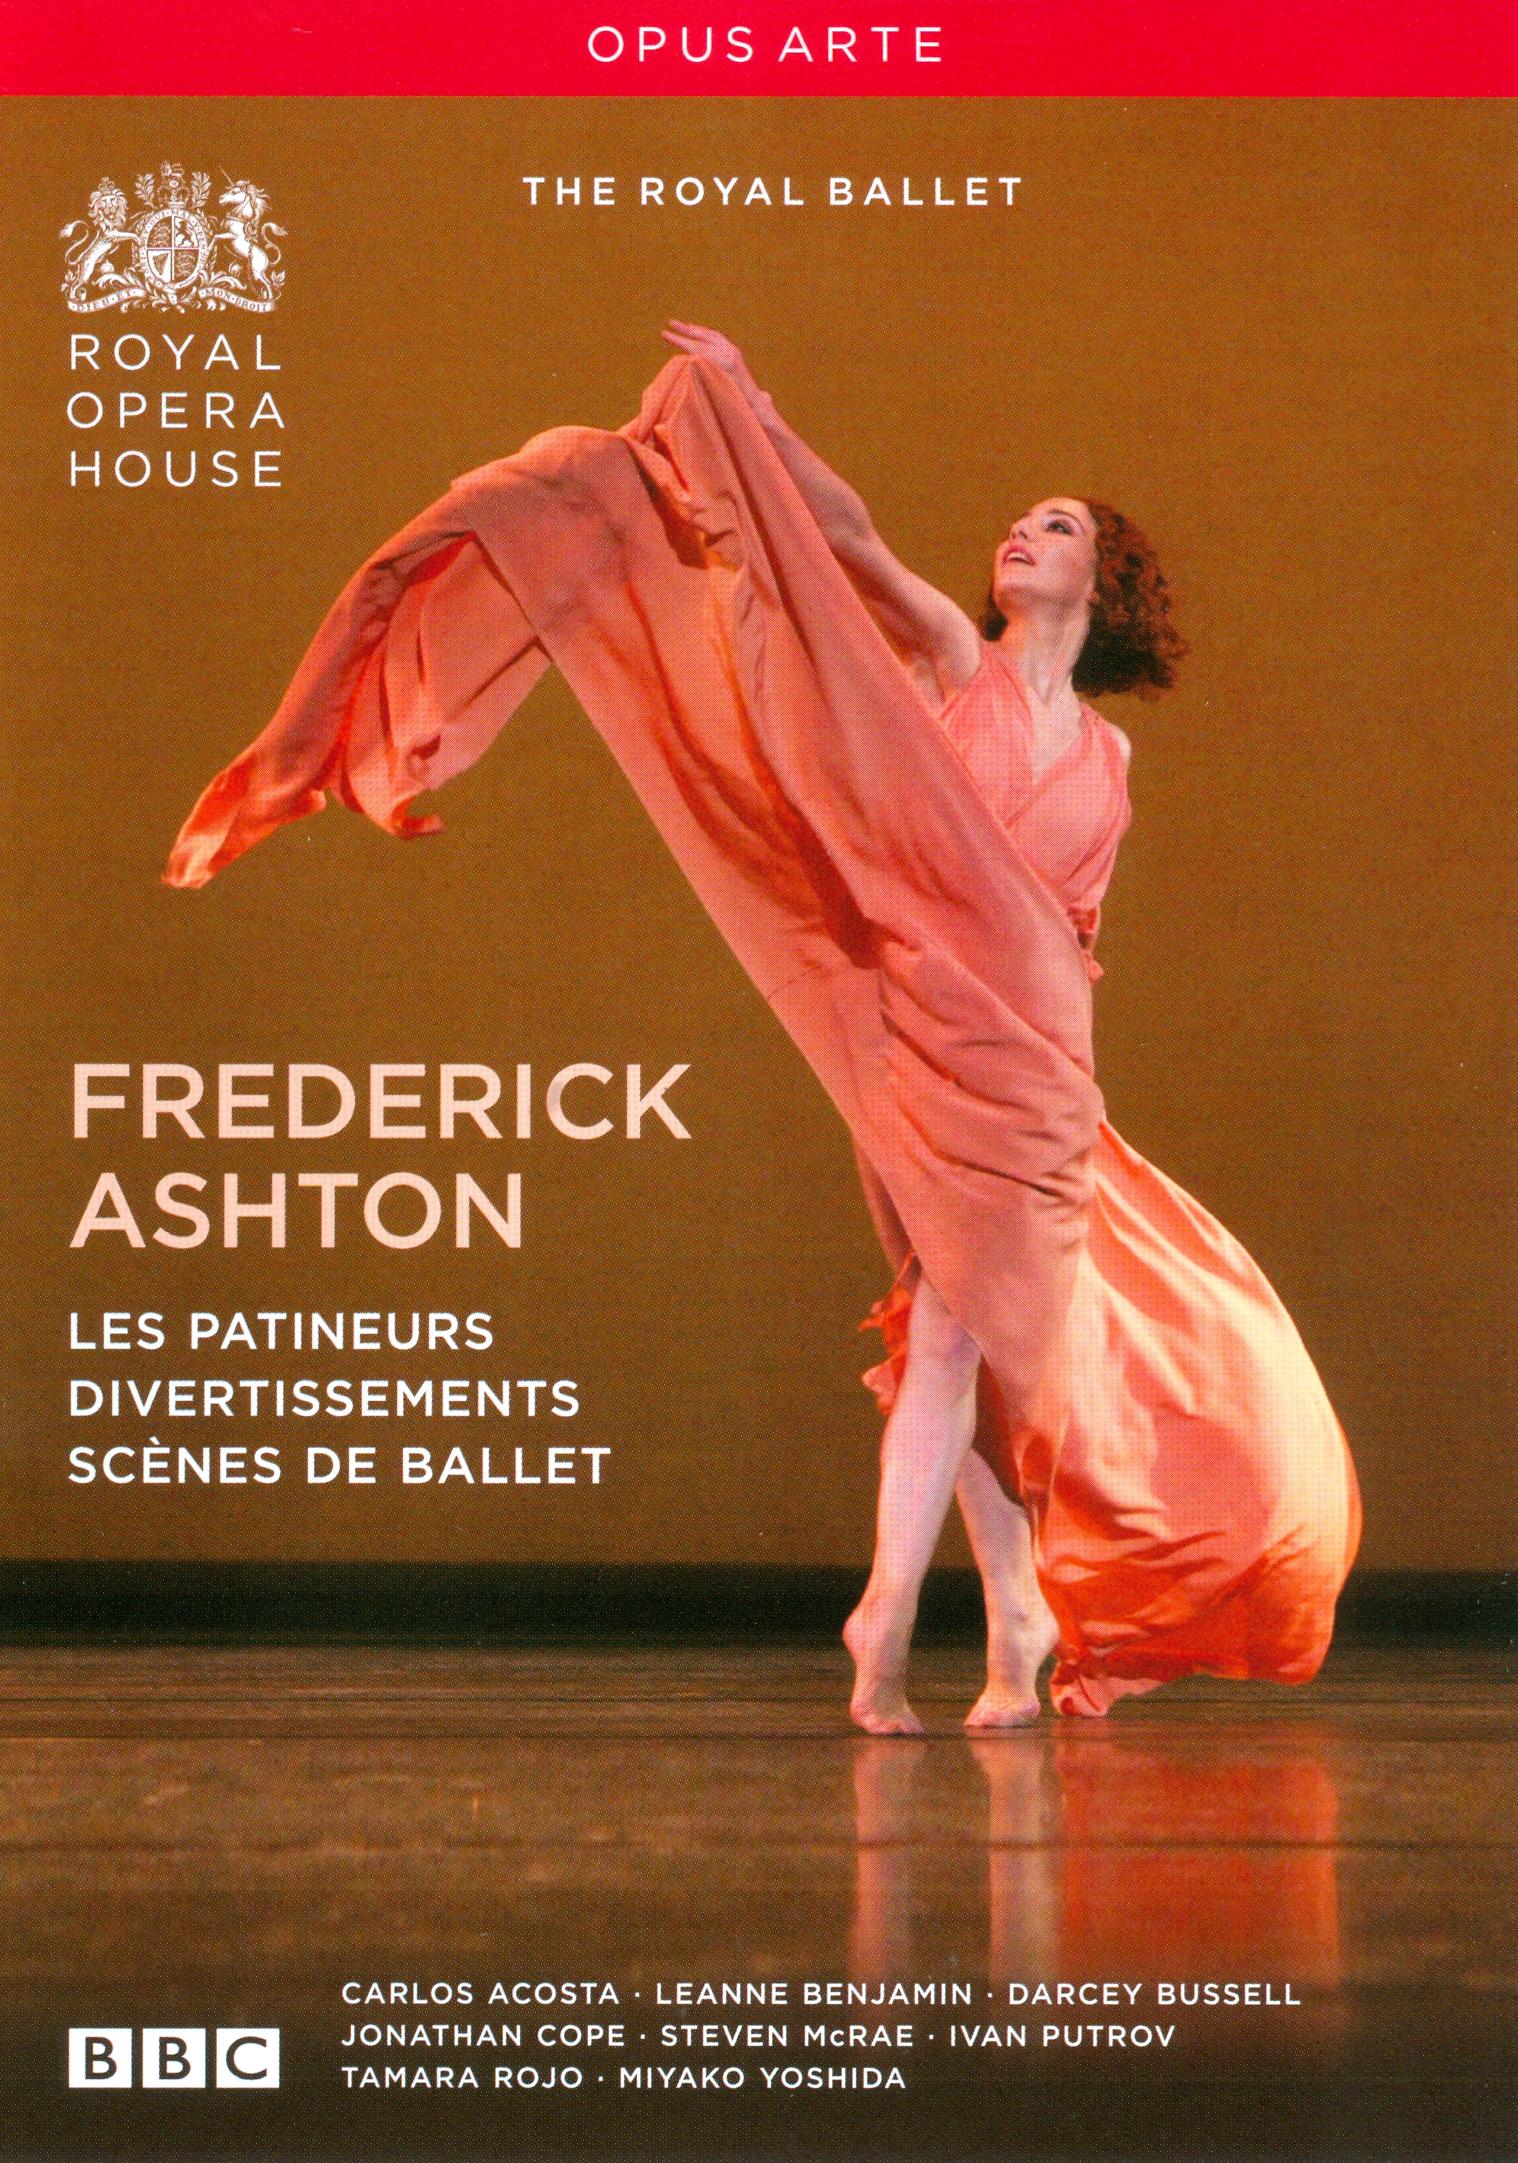 Frederick Ashton: Les Patineurs/Divertissements/Scènes de Ballet